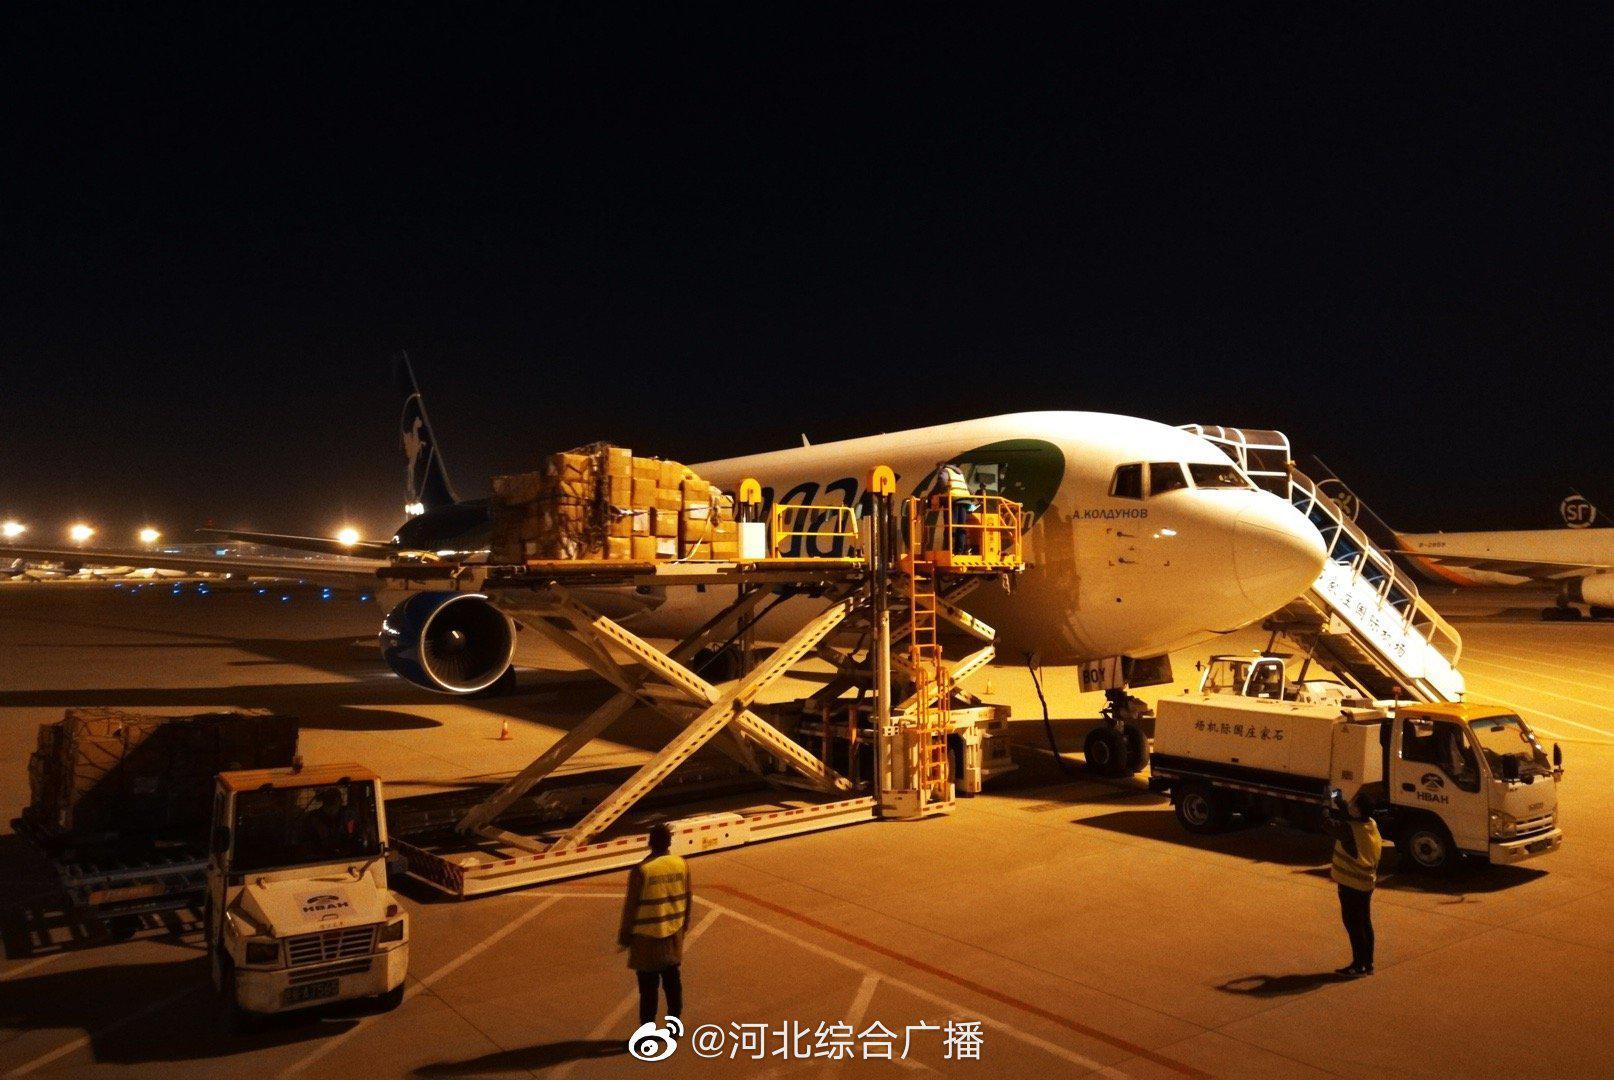 客机载货 保障国际供应链畅通